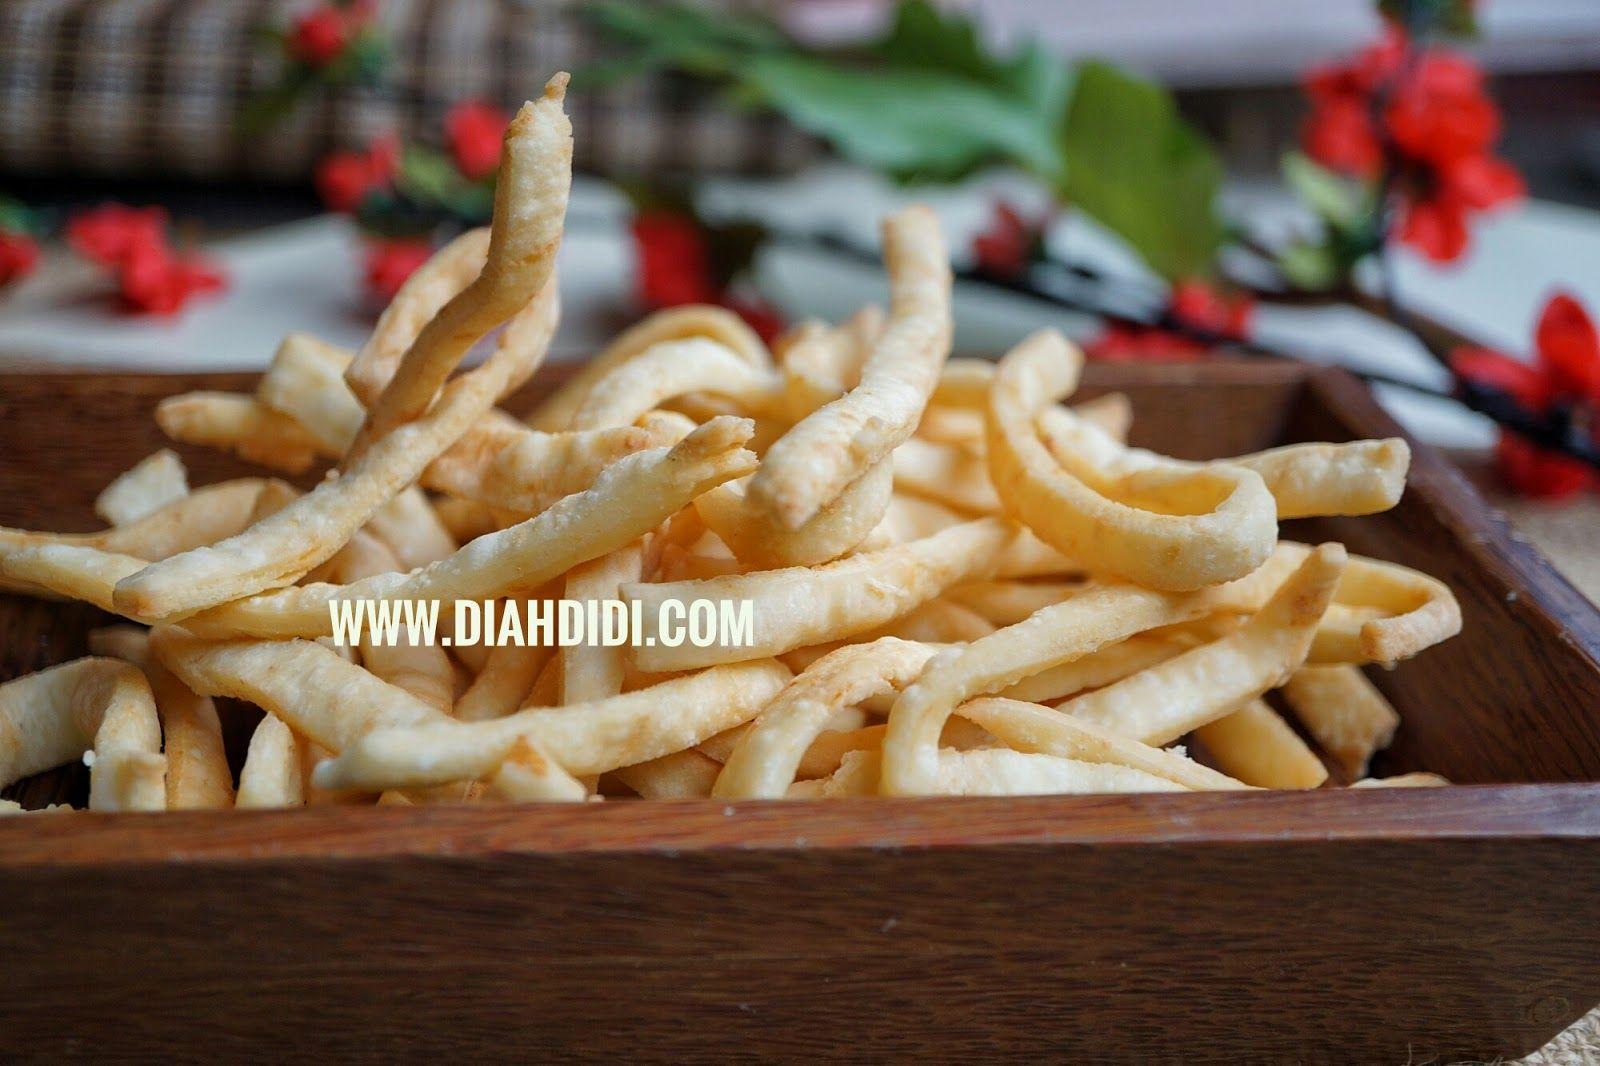 Blog Diah Didi berisi resep masakan praktis yang mudah dipraktekkan di rumah. | Makanan, Resep